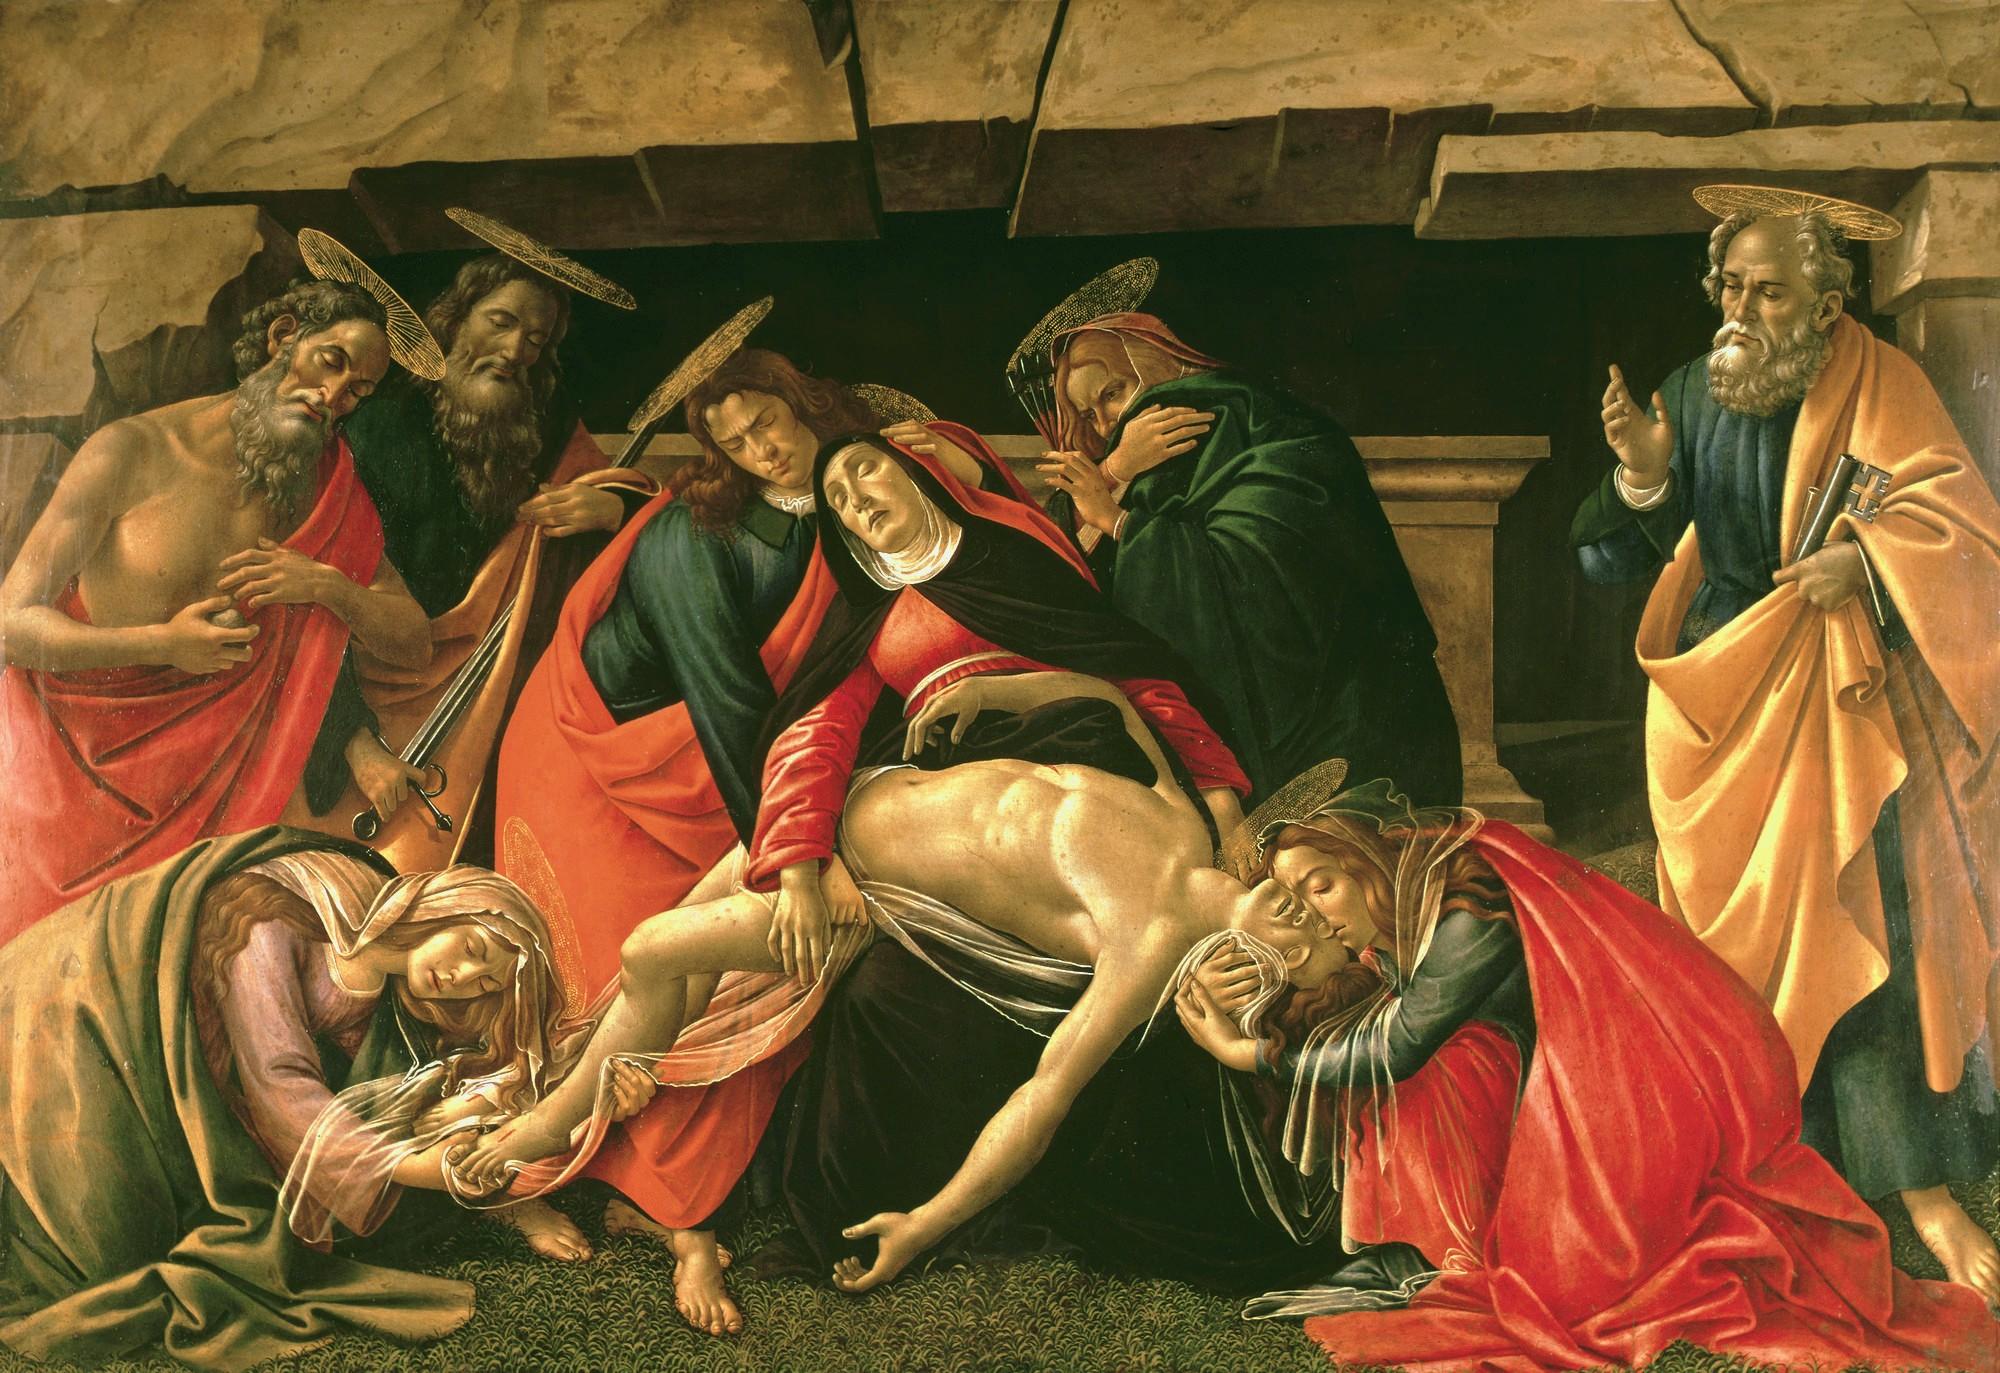 Sandro Botticelli, Oplakiwanie Chrystusa, pozniejszy obraz artysty